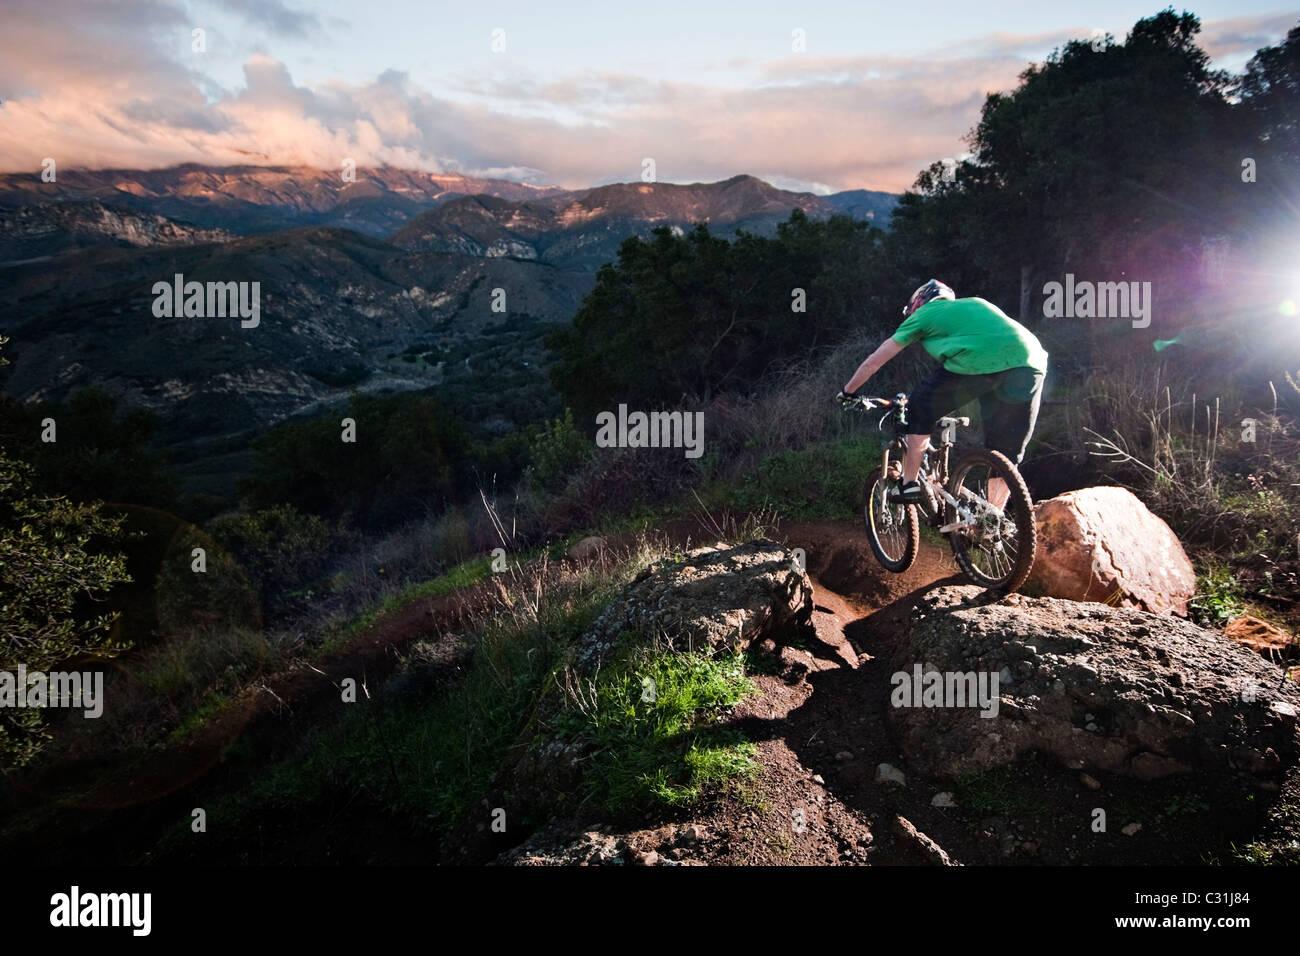 Un joven monta su bicicleta de montaña cuesta abajo en Castillo Knapps Trail, rodeado por un hermoso paisaje Imagen De Stock